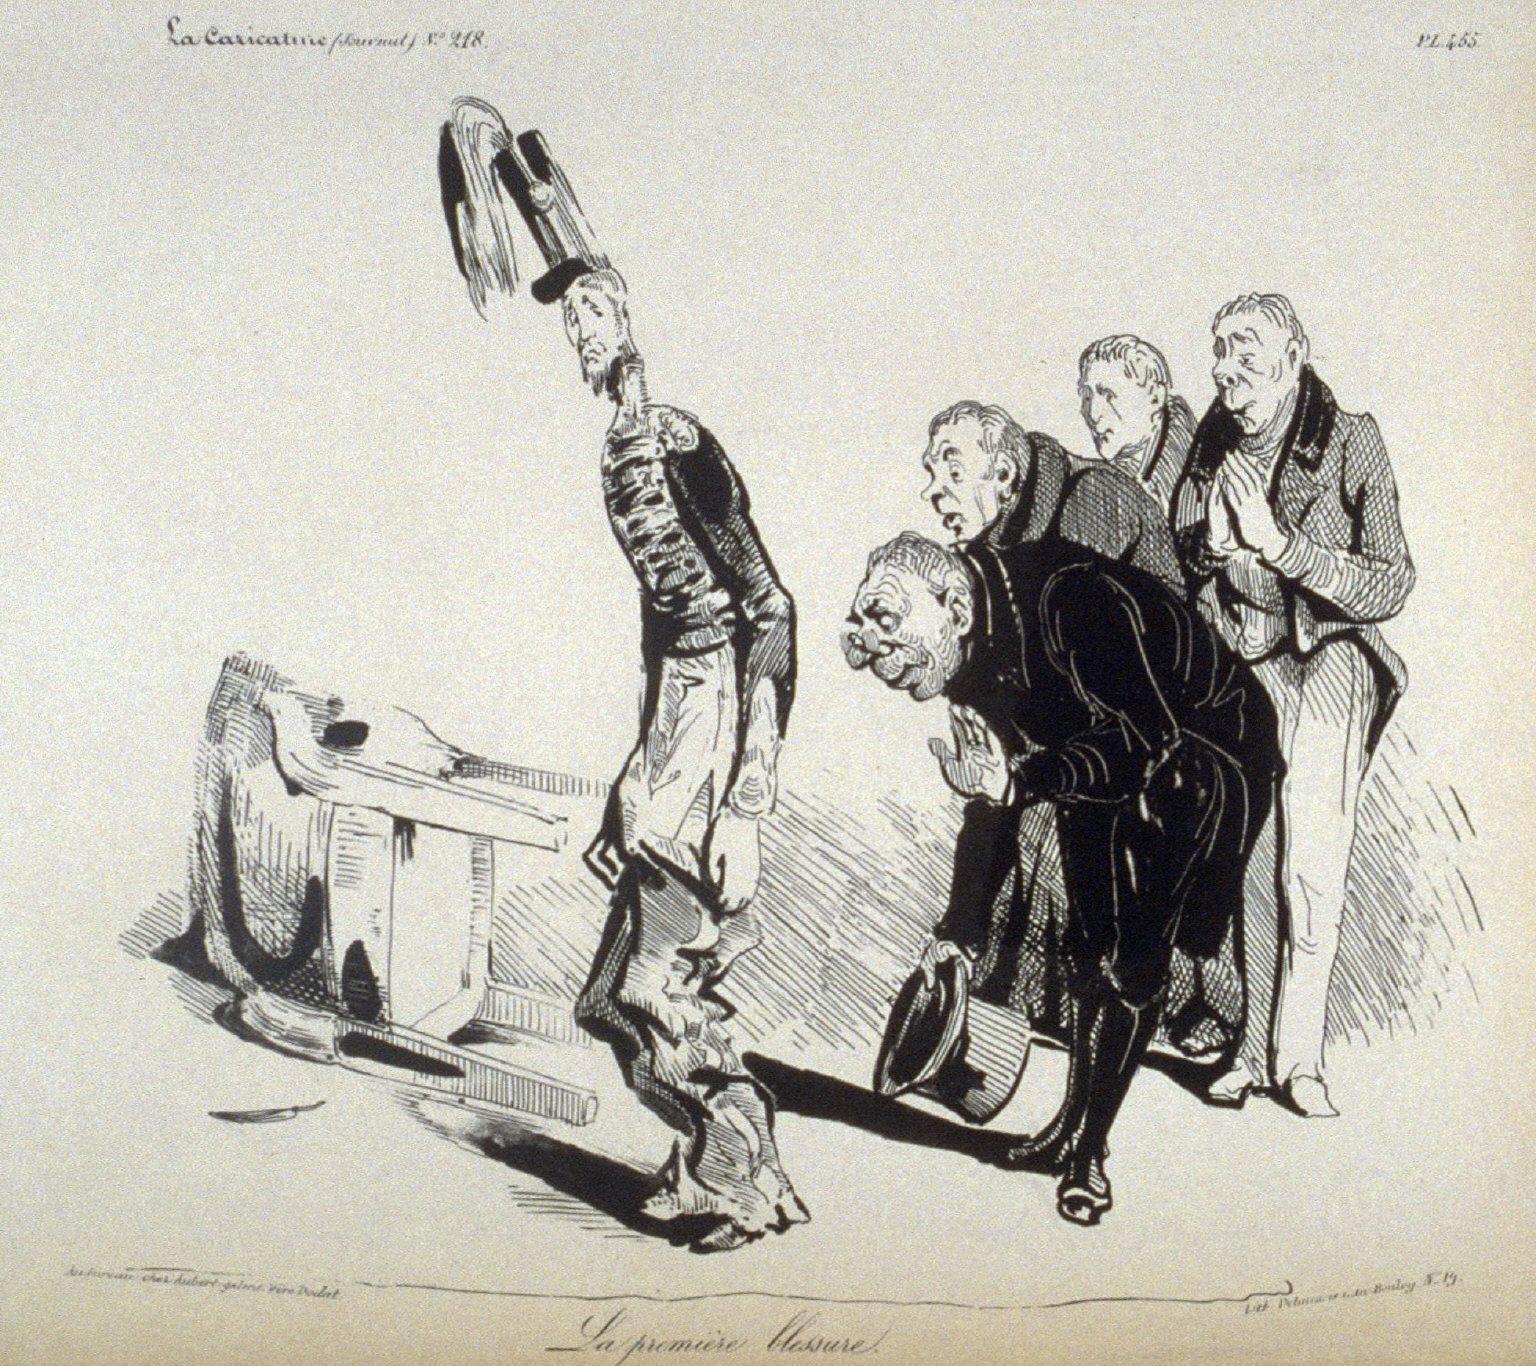 La première blessure!, pl. 455 from La Caricature (Journal) No. 218, published 8 January 1835